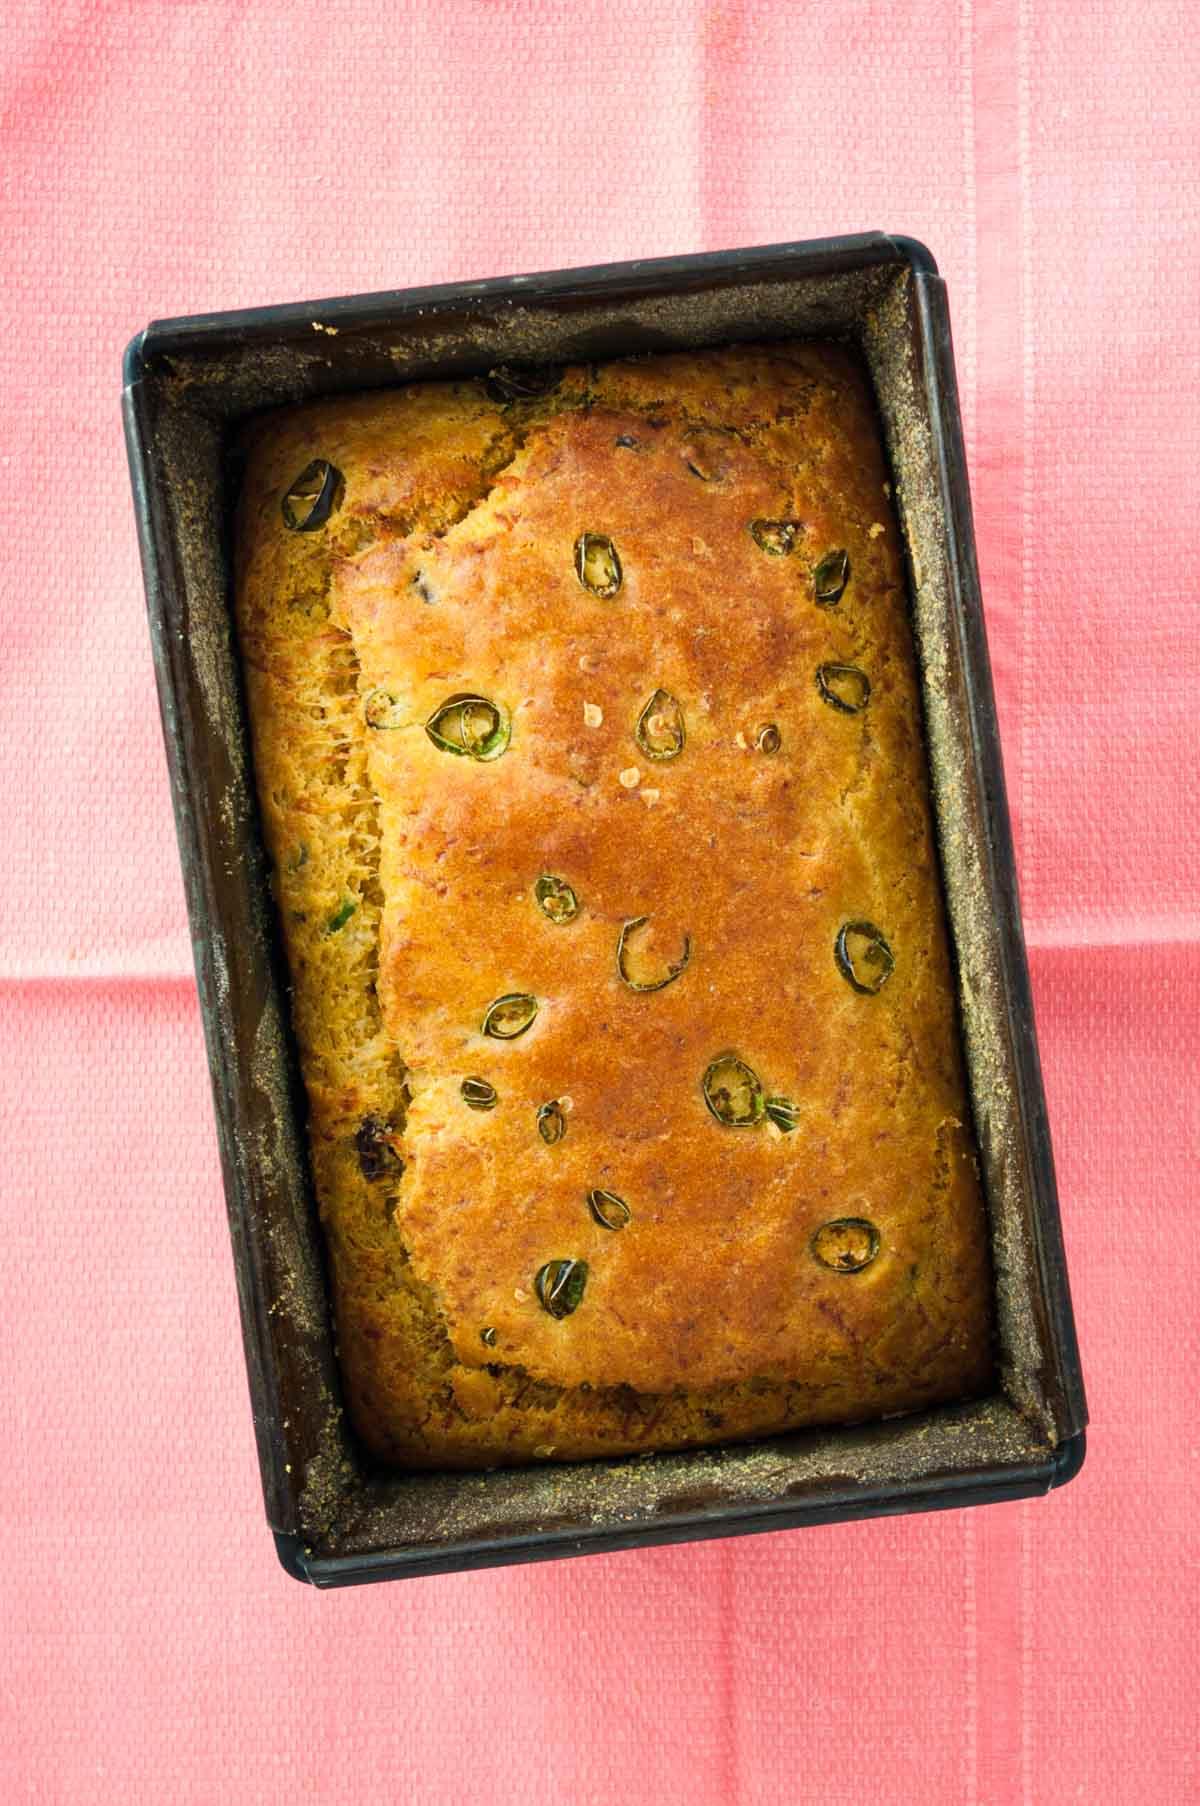 Halloumi cornbread with chilli recipe